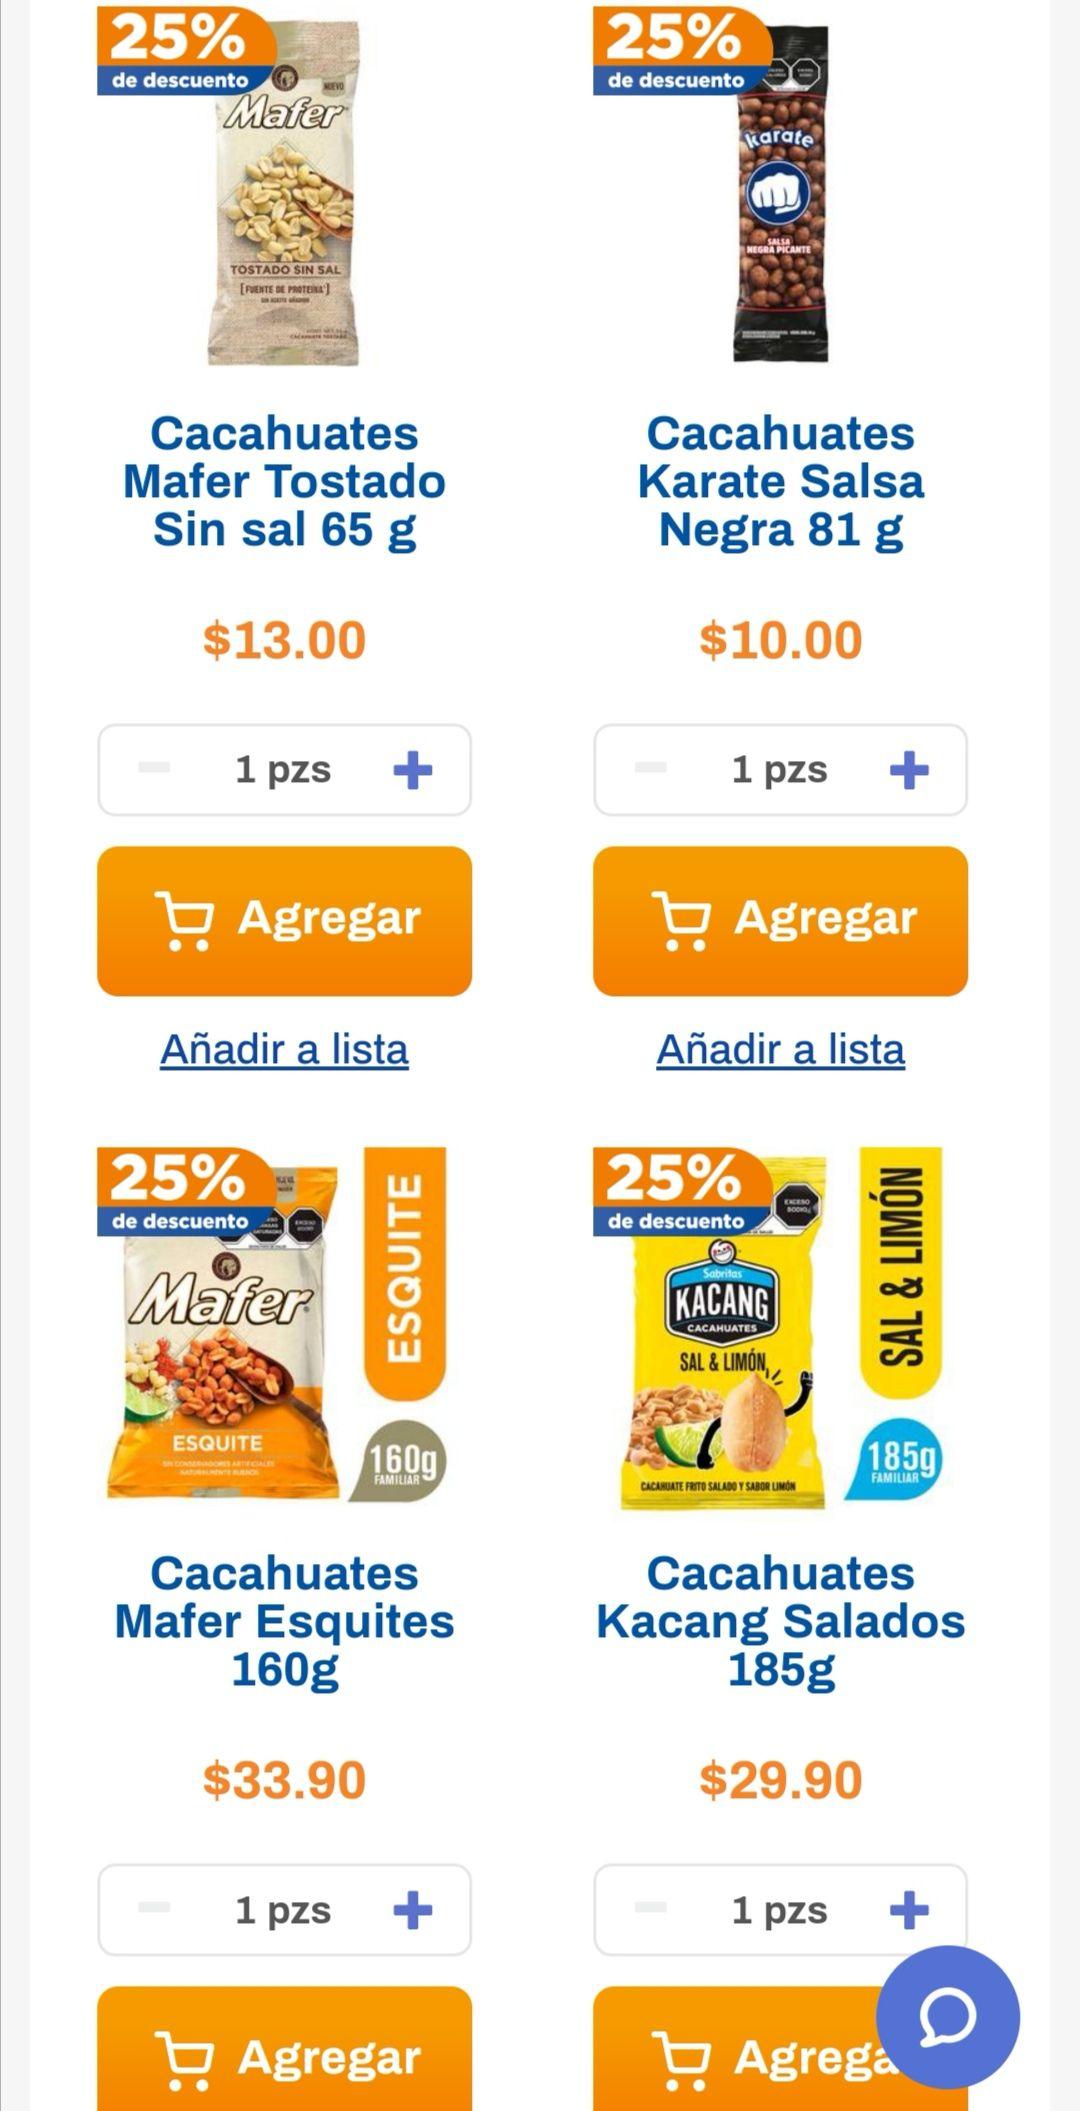 Chedraui: 25% de descuento en cacahuates seleccionados